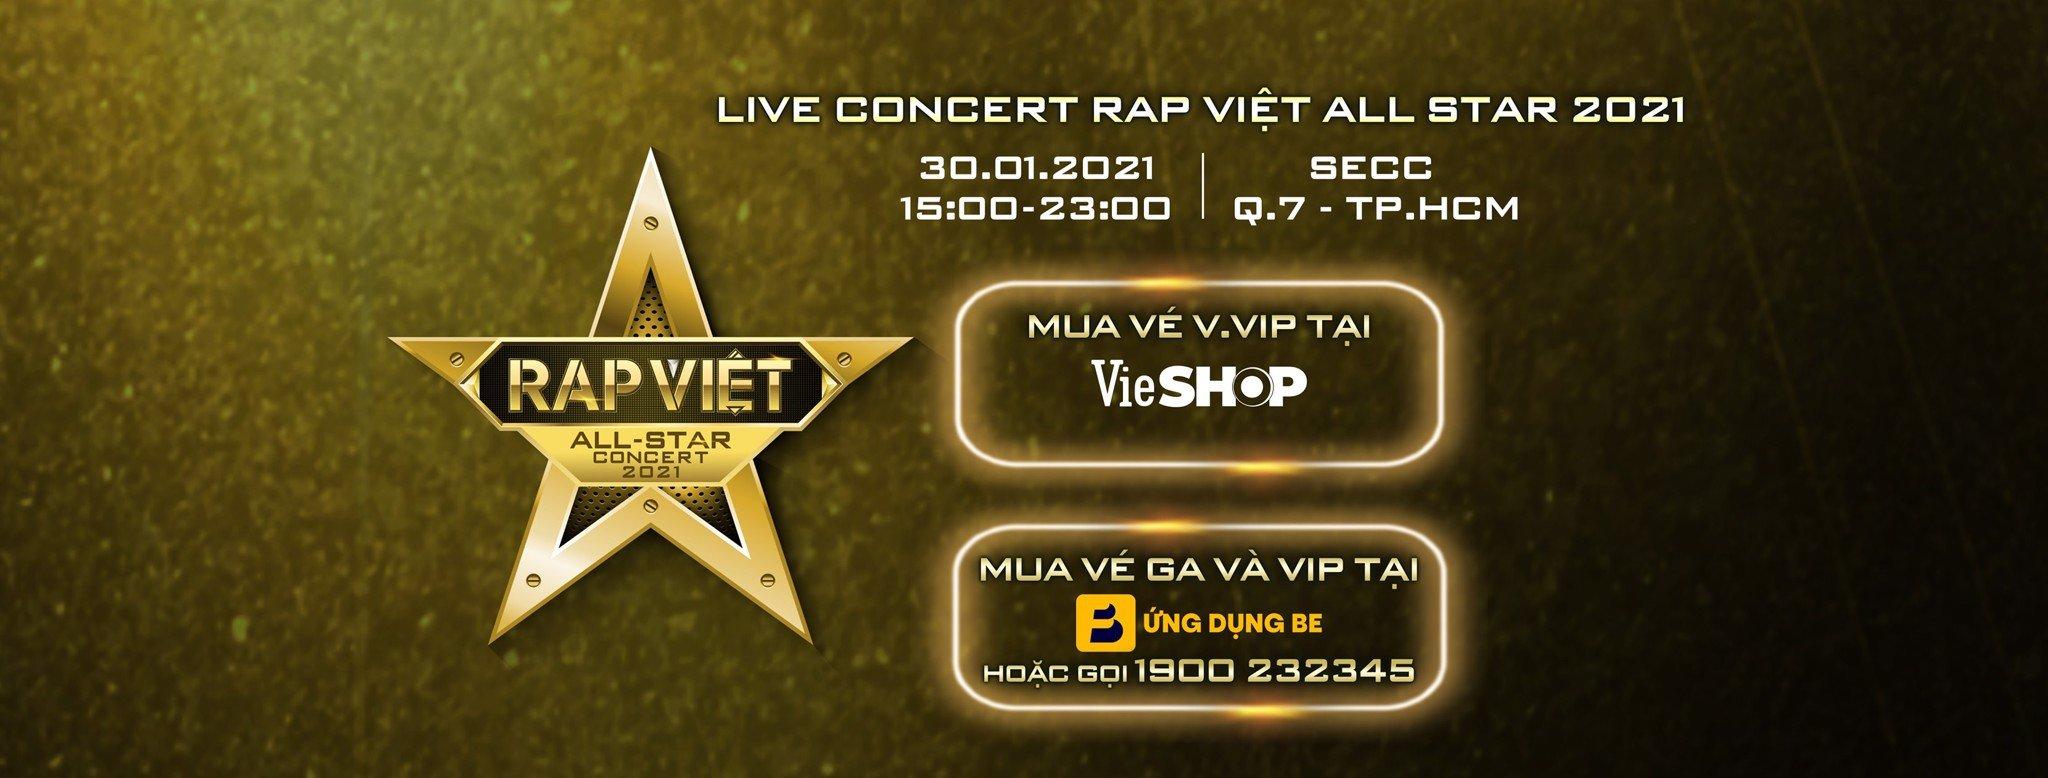 Những lưu ý khi mua Vé Live Concert trên ứng dụng Be